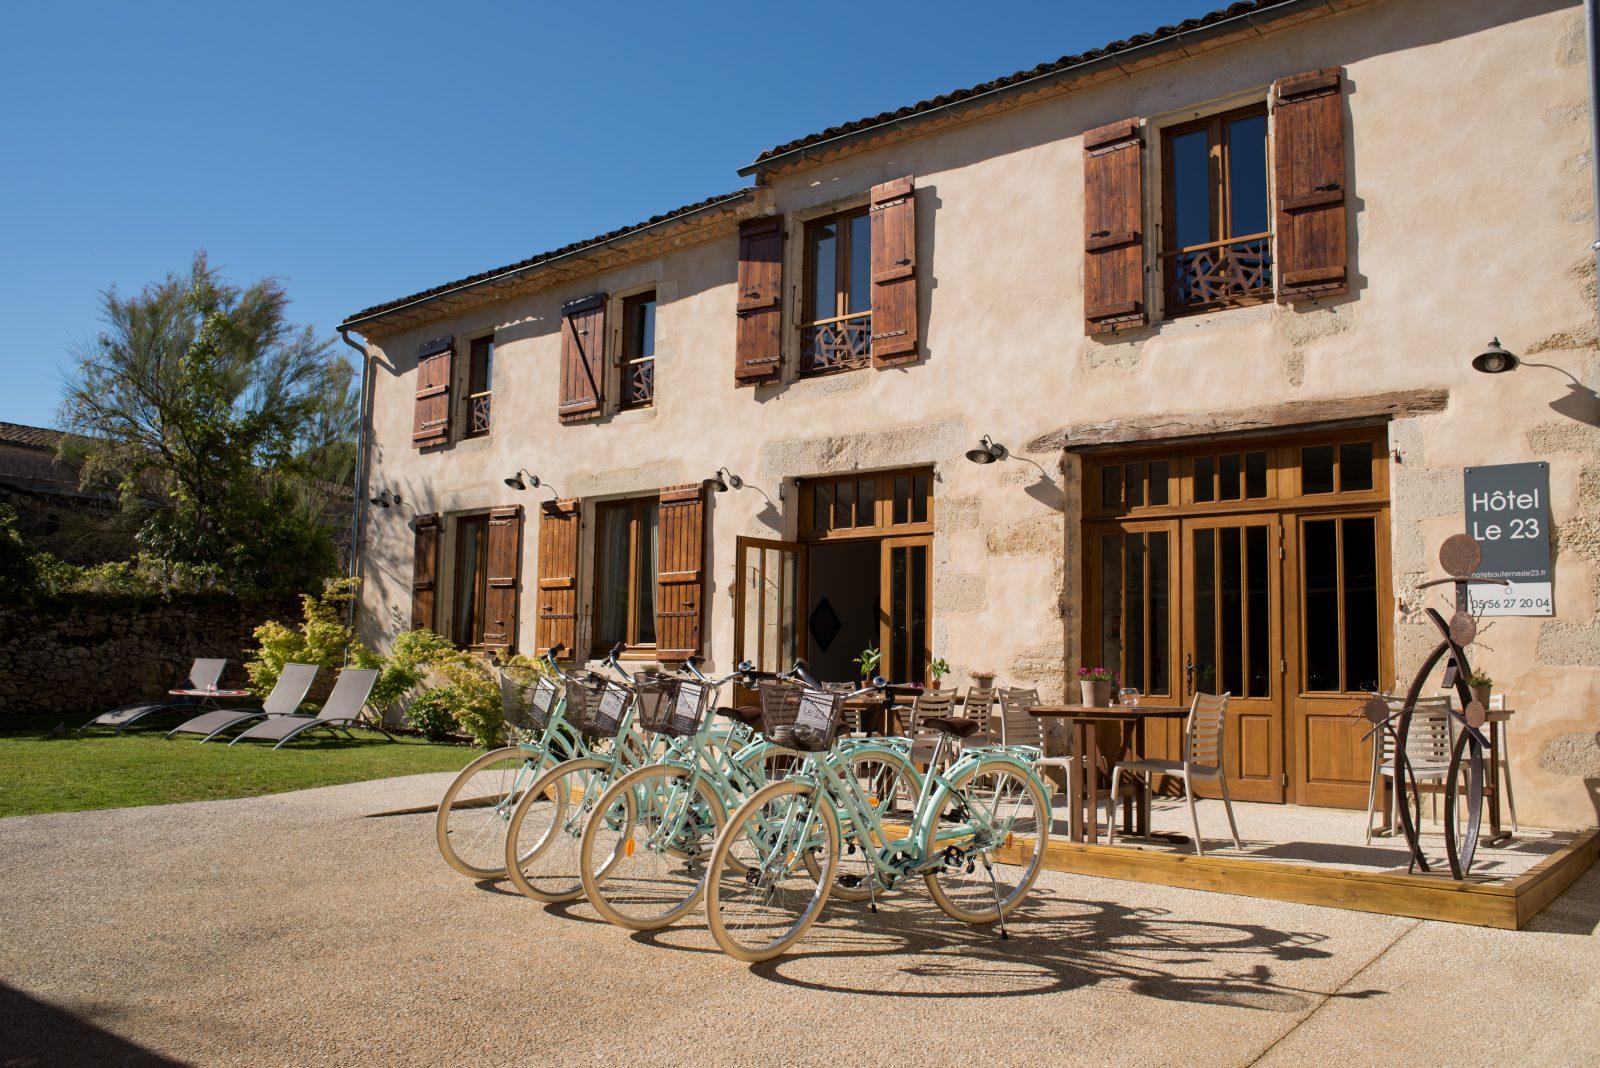 Hôtel Le 23 – SAUTERNES – Sud-Gironde